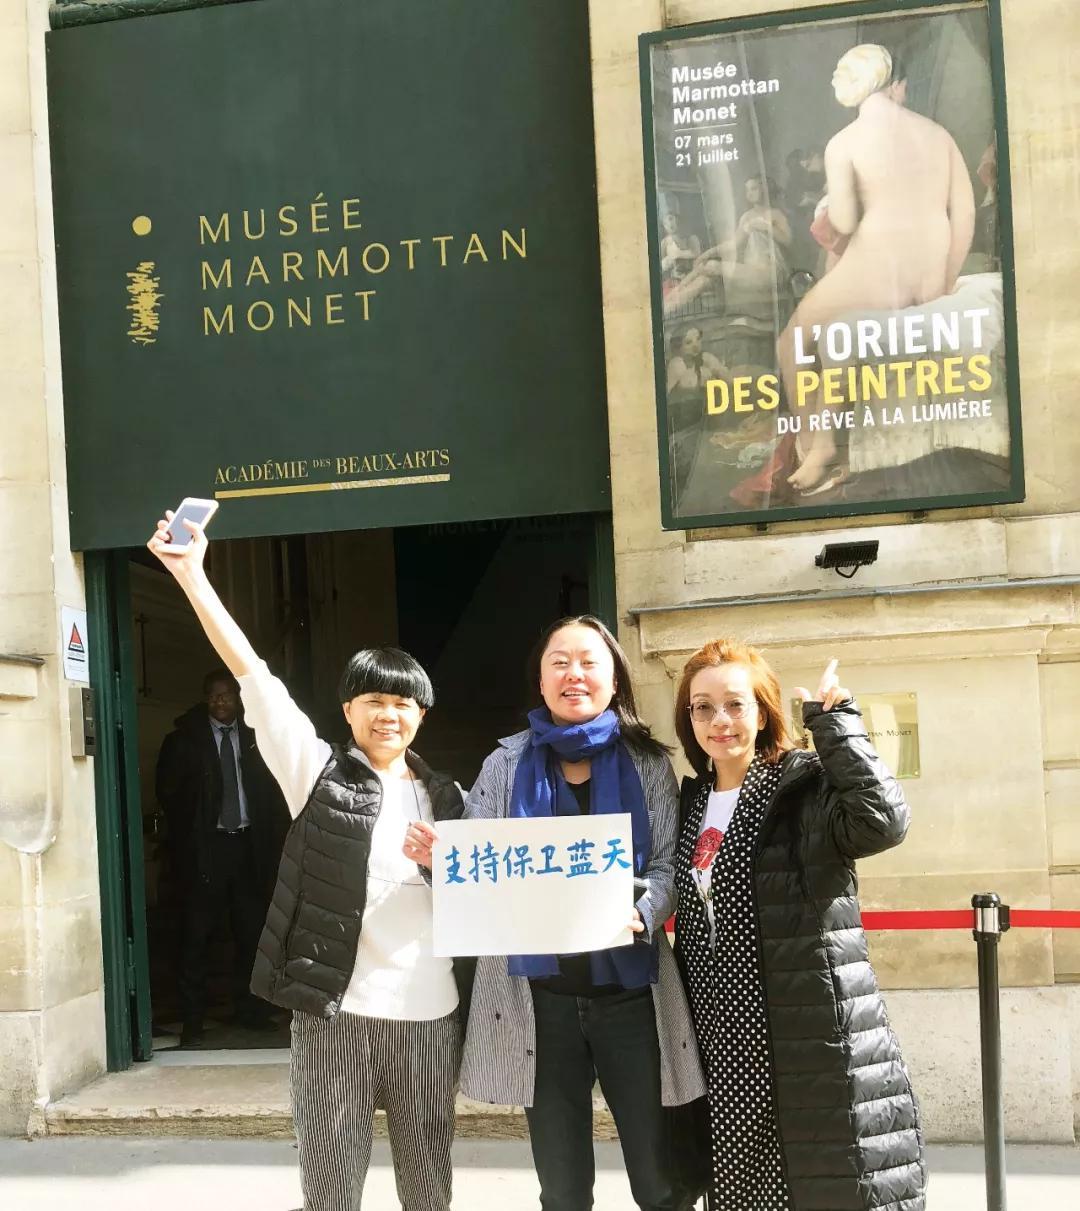 蓝丝带在法国——旅法艺术家姜沛在埃菲尔铁塔前